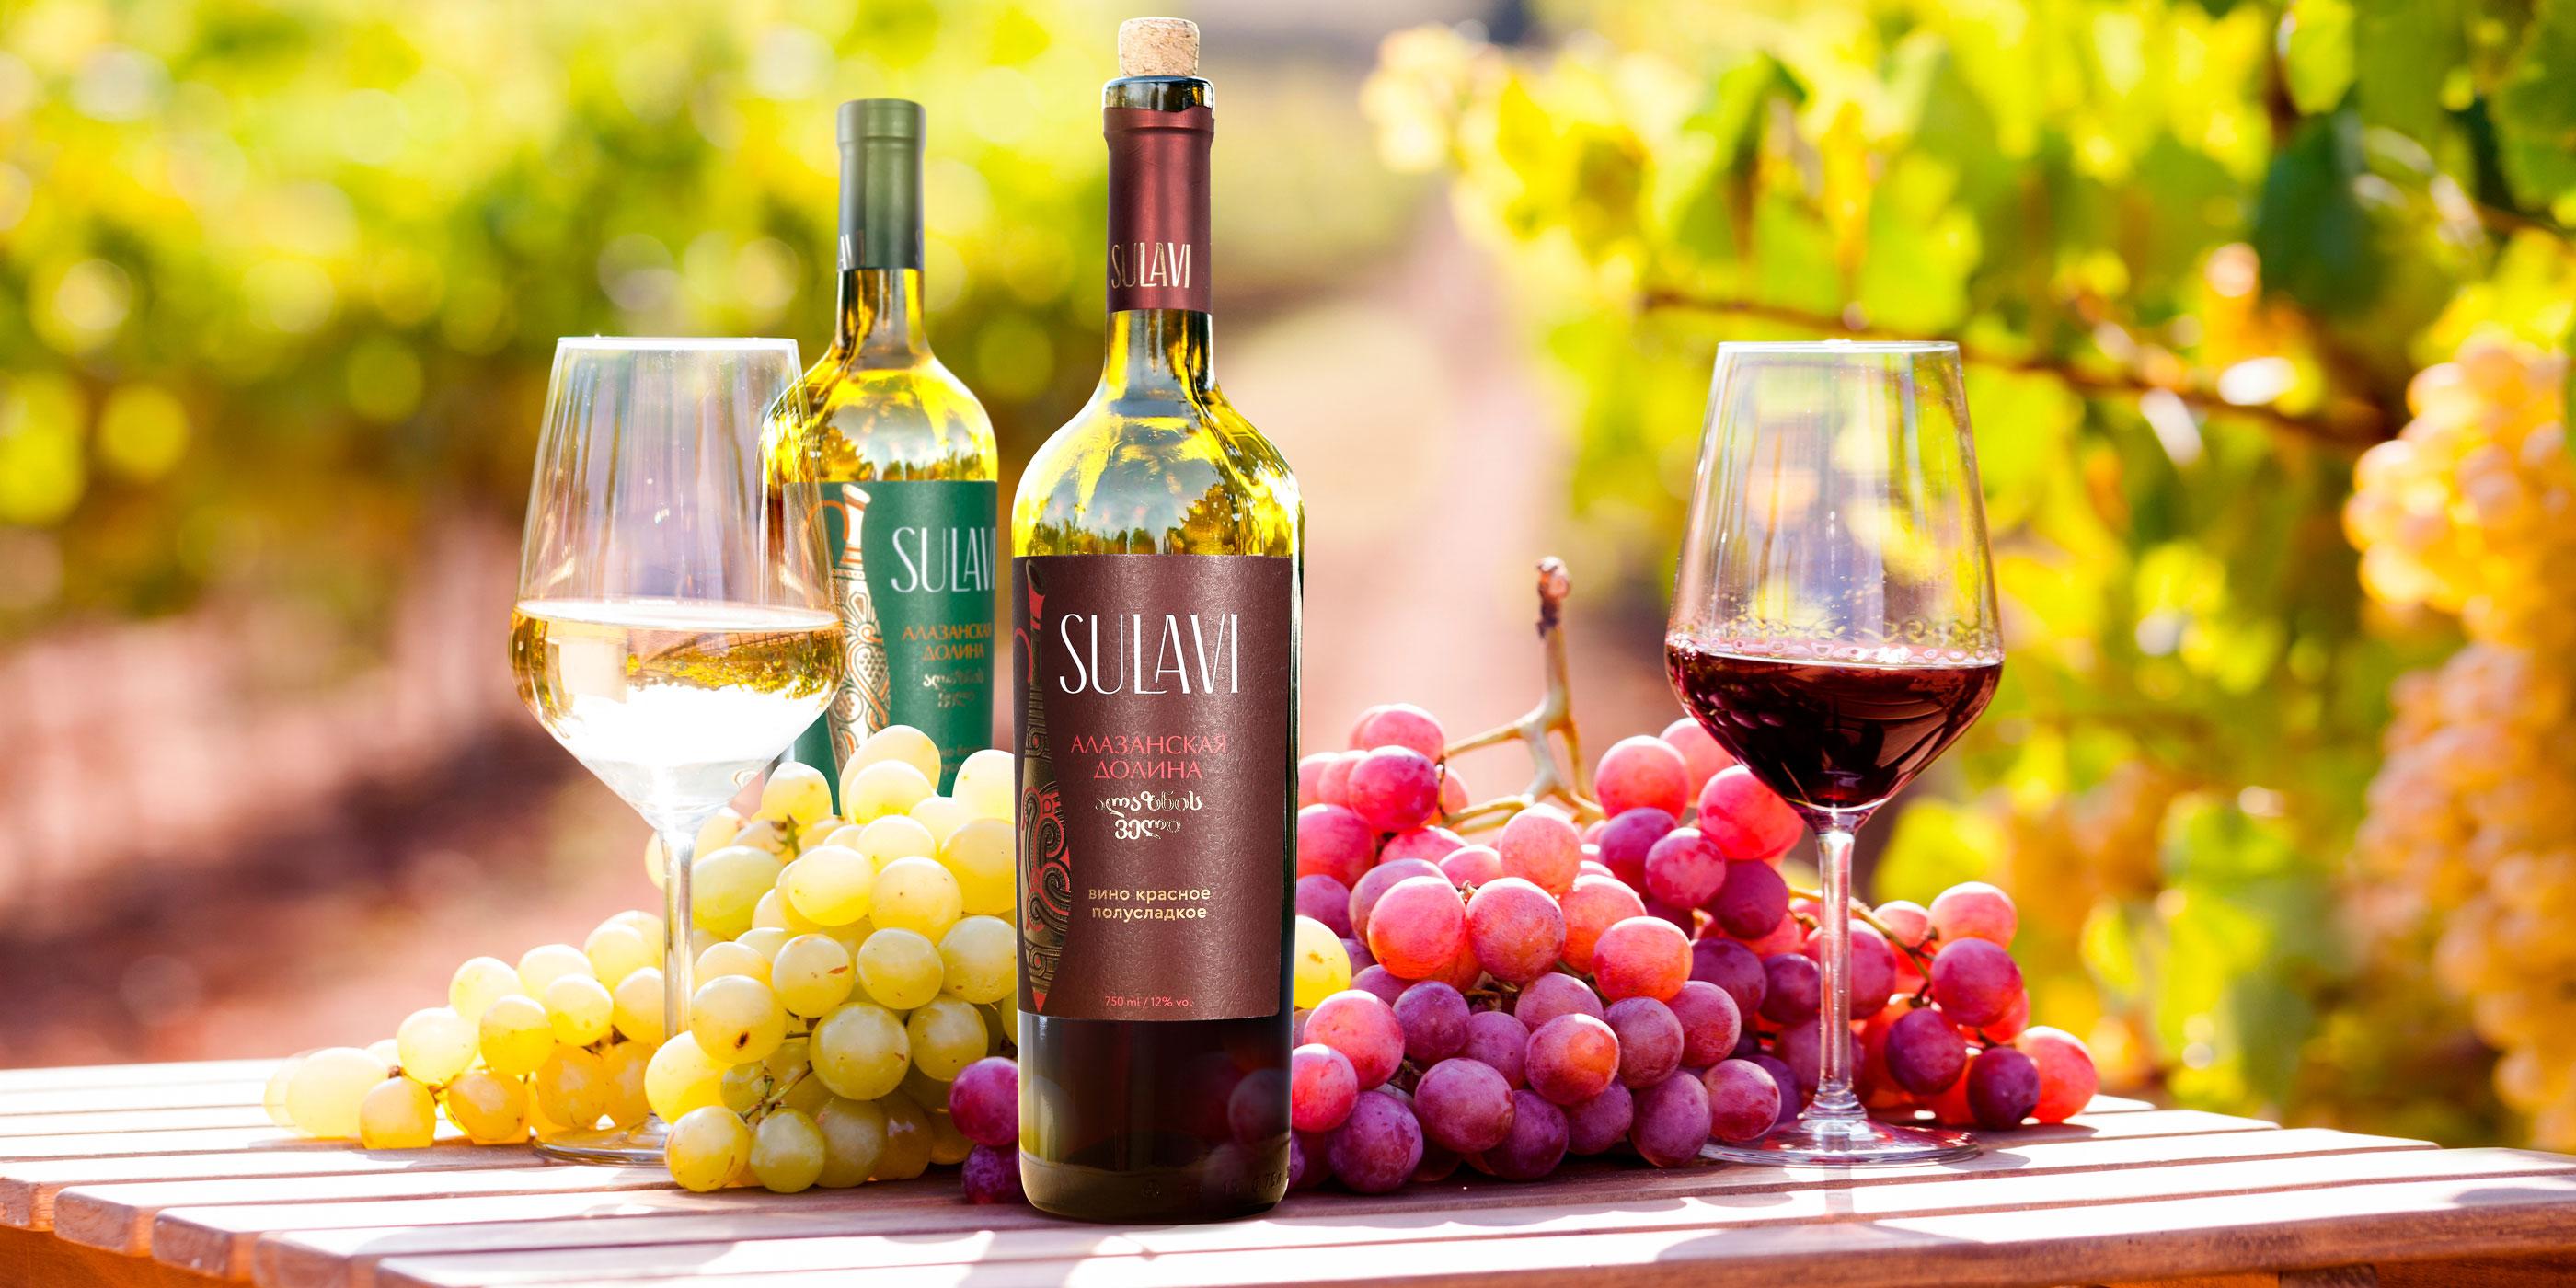 Грузинское вино Sulavi